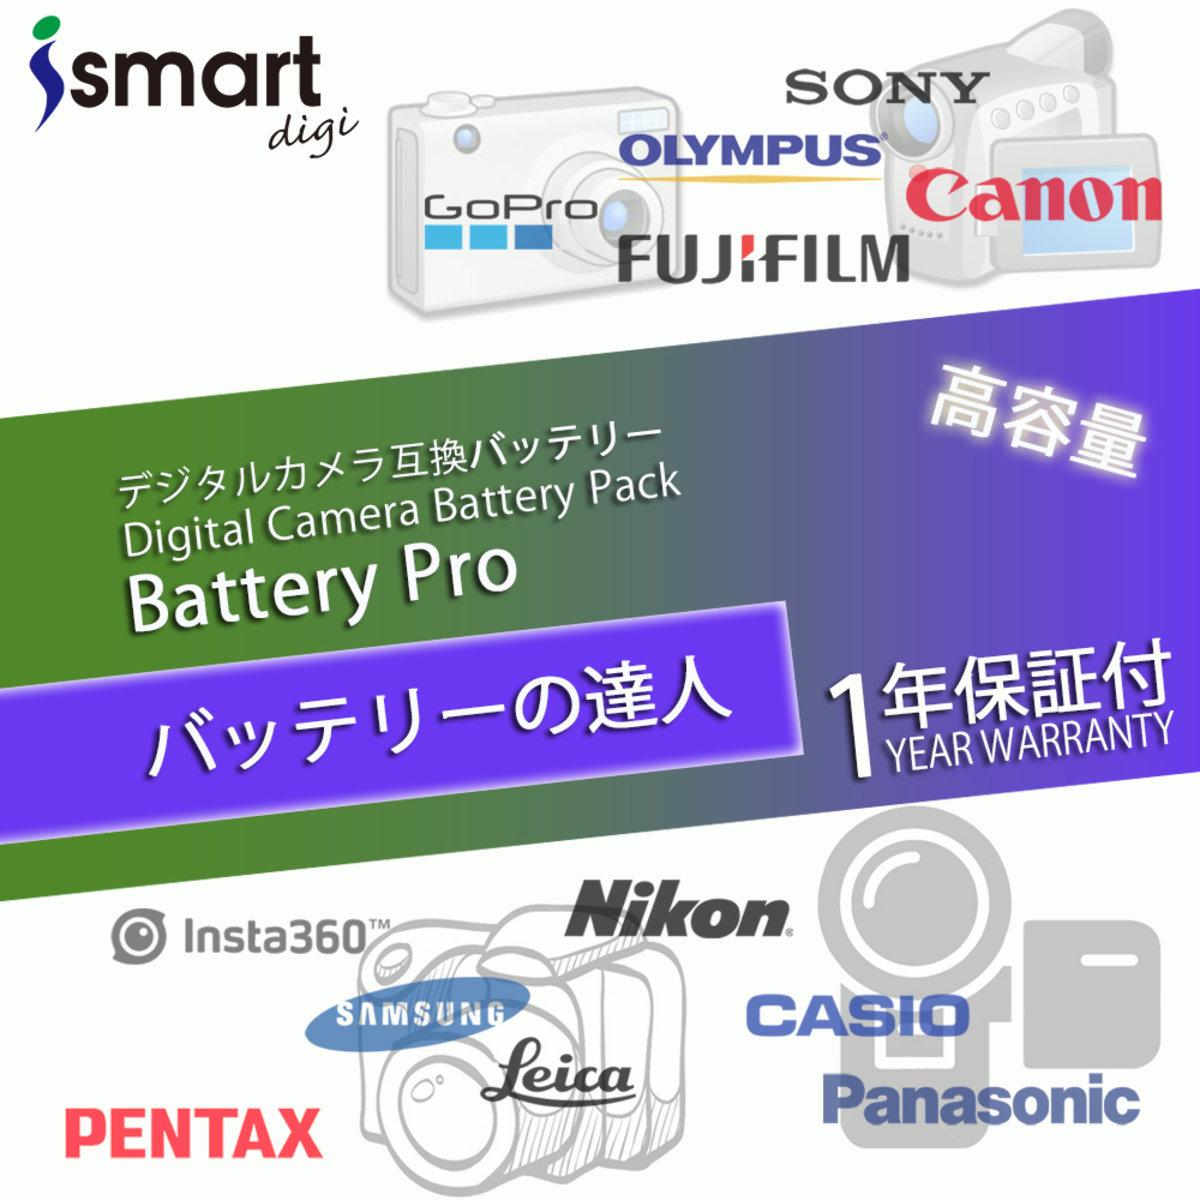 富士數碼相機電池(適合:FinePix JX375 / JX350 / JX355 / JX300 / JX305 / JX250 / JX200 / JX205 / JV250 / JZ250 / JZ260/ JZ110)